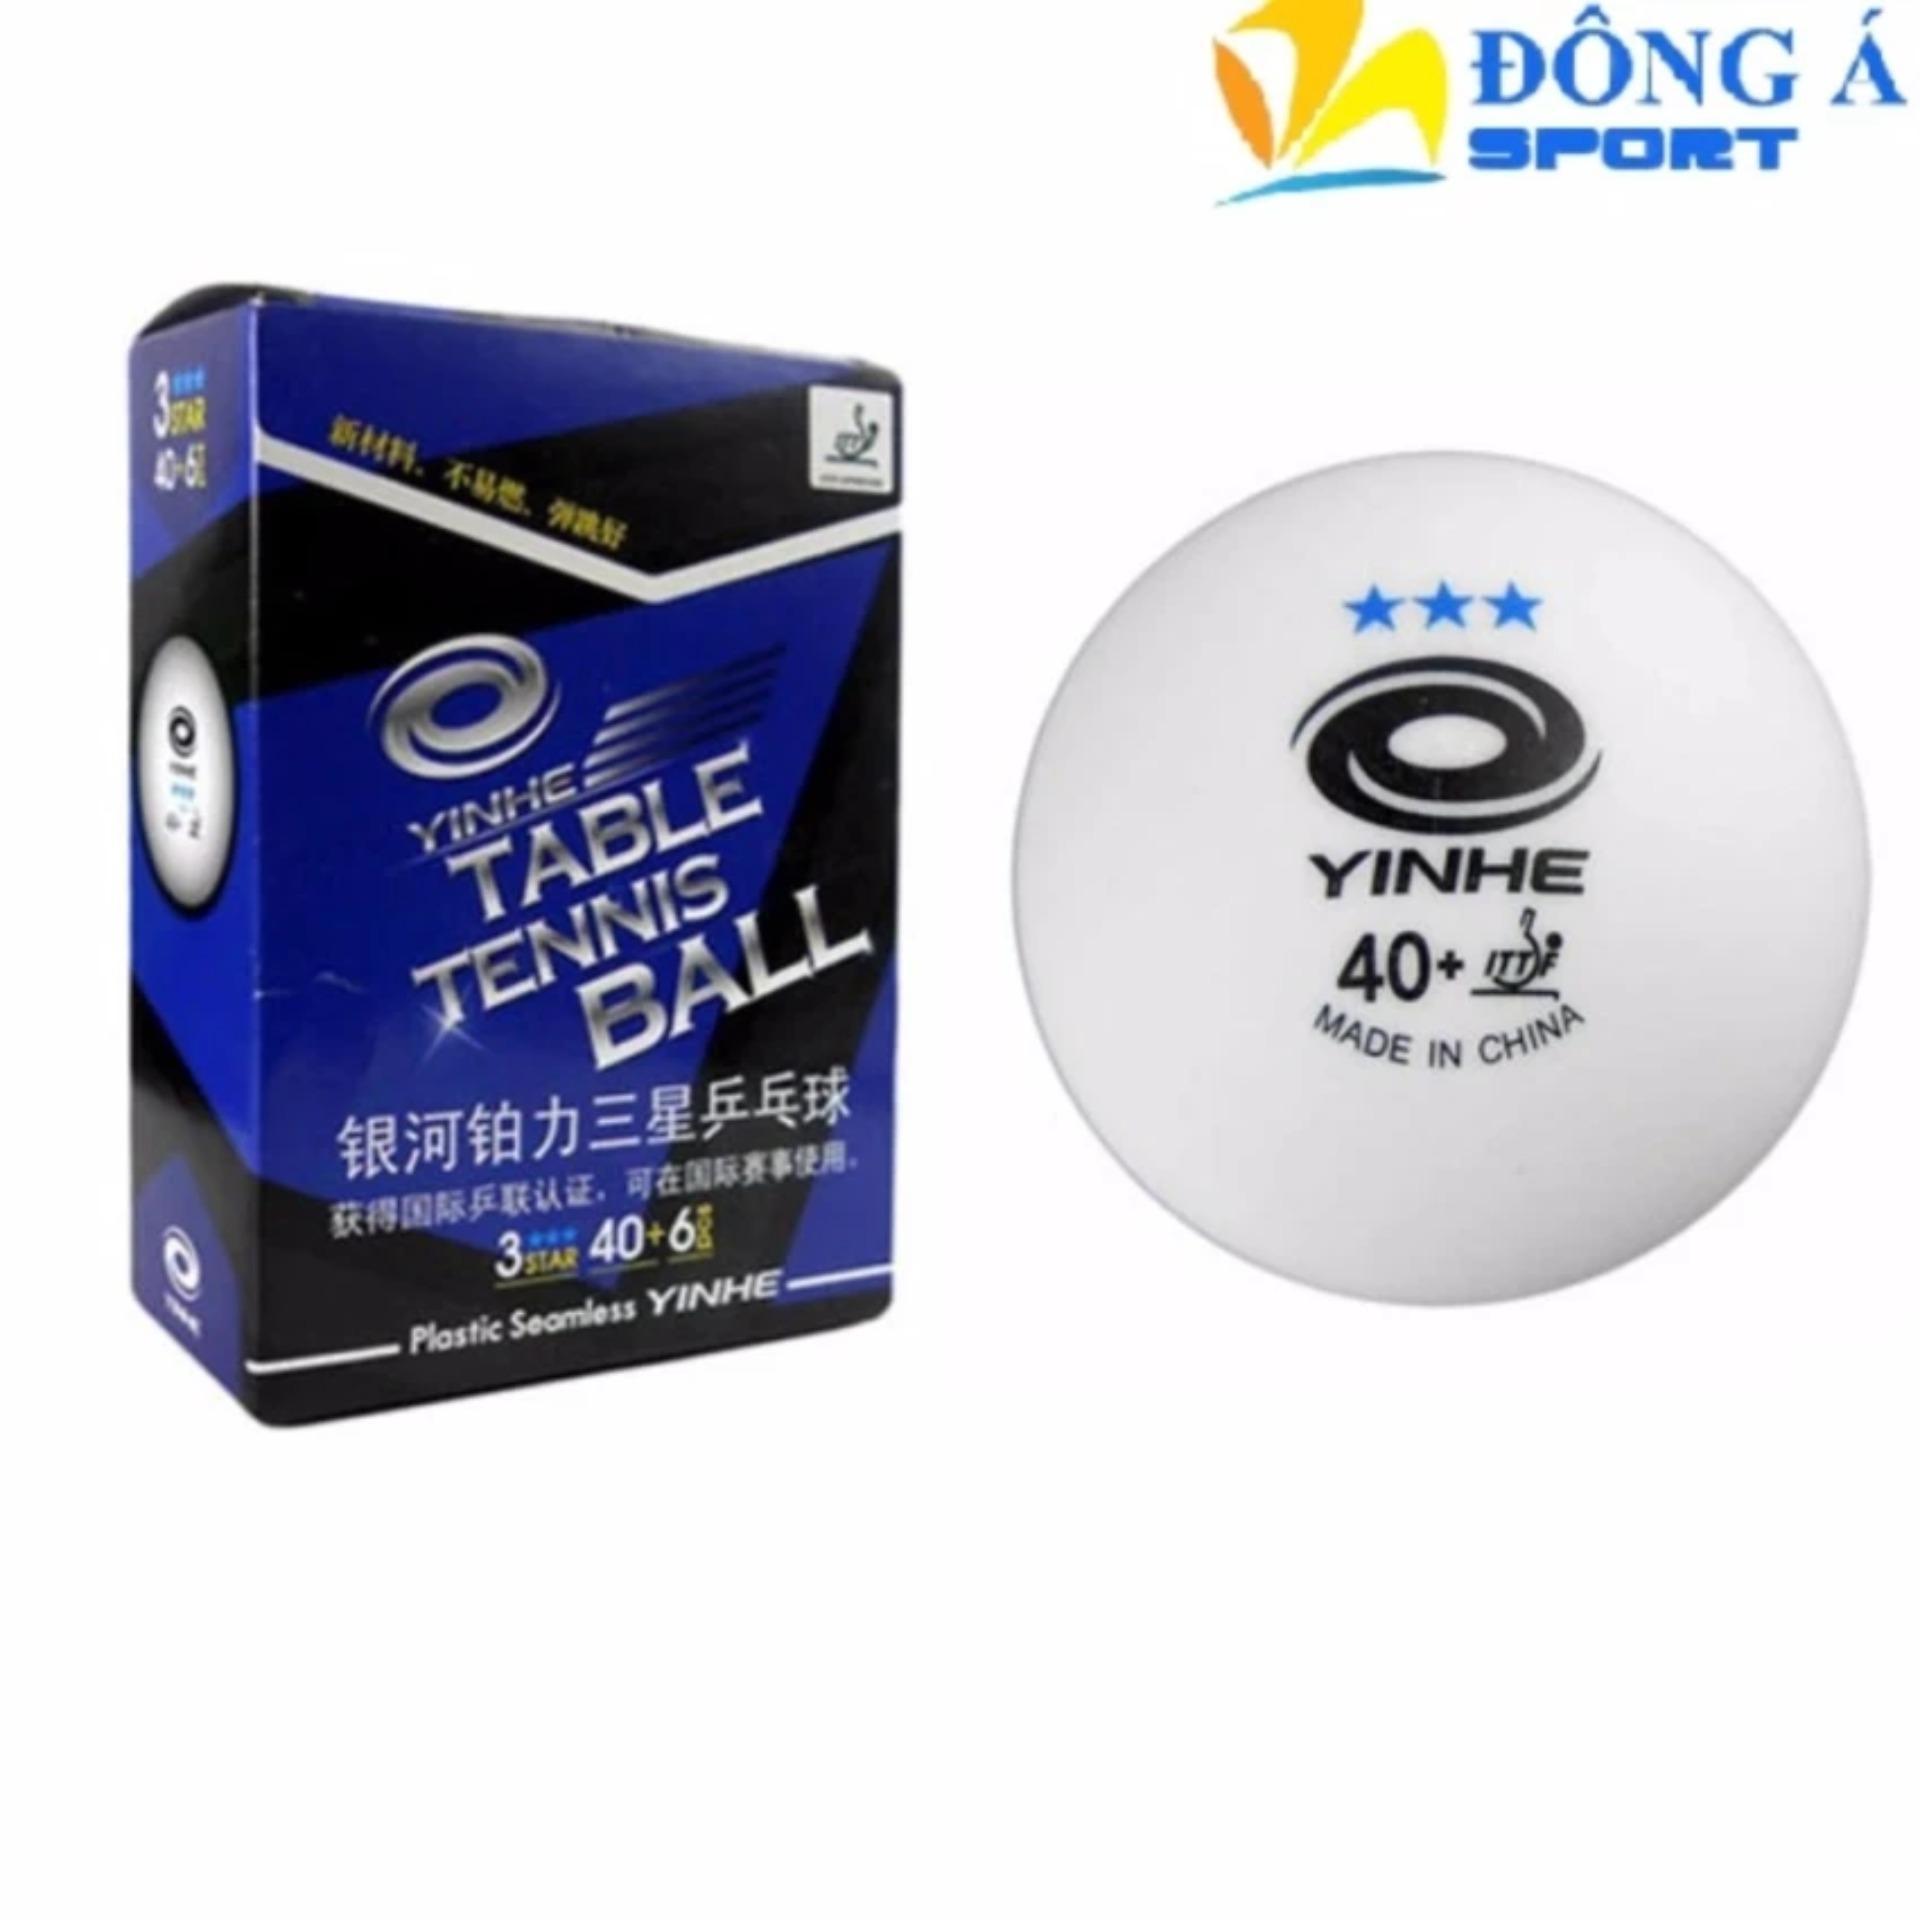 Hộp 6 quả bóng bàn Yinhe 40